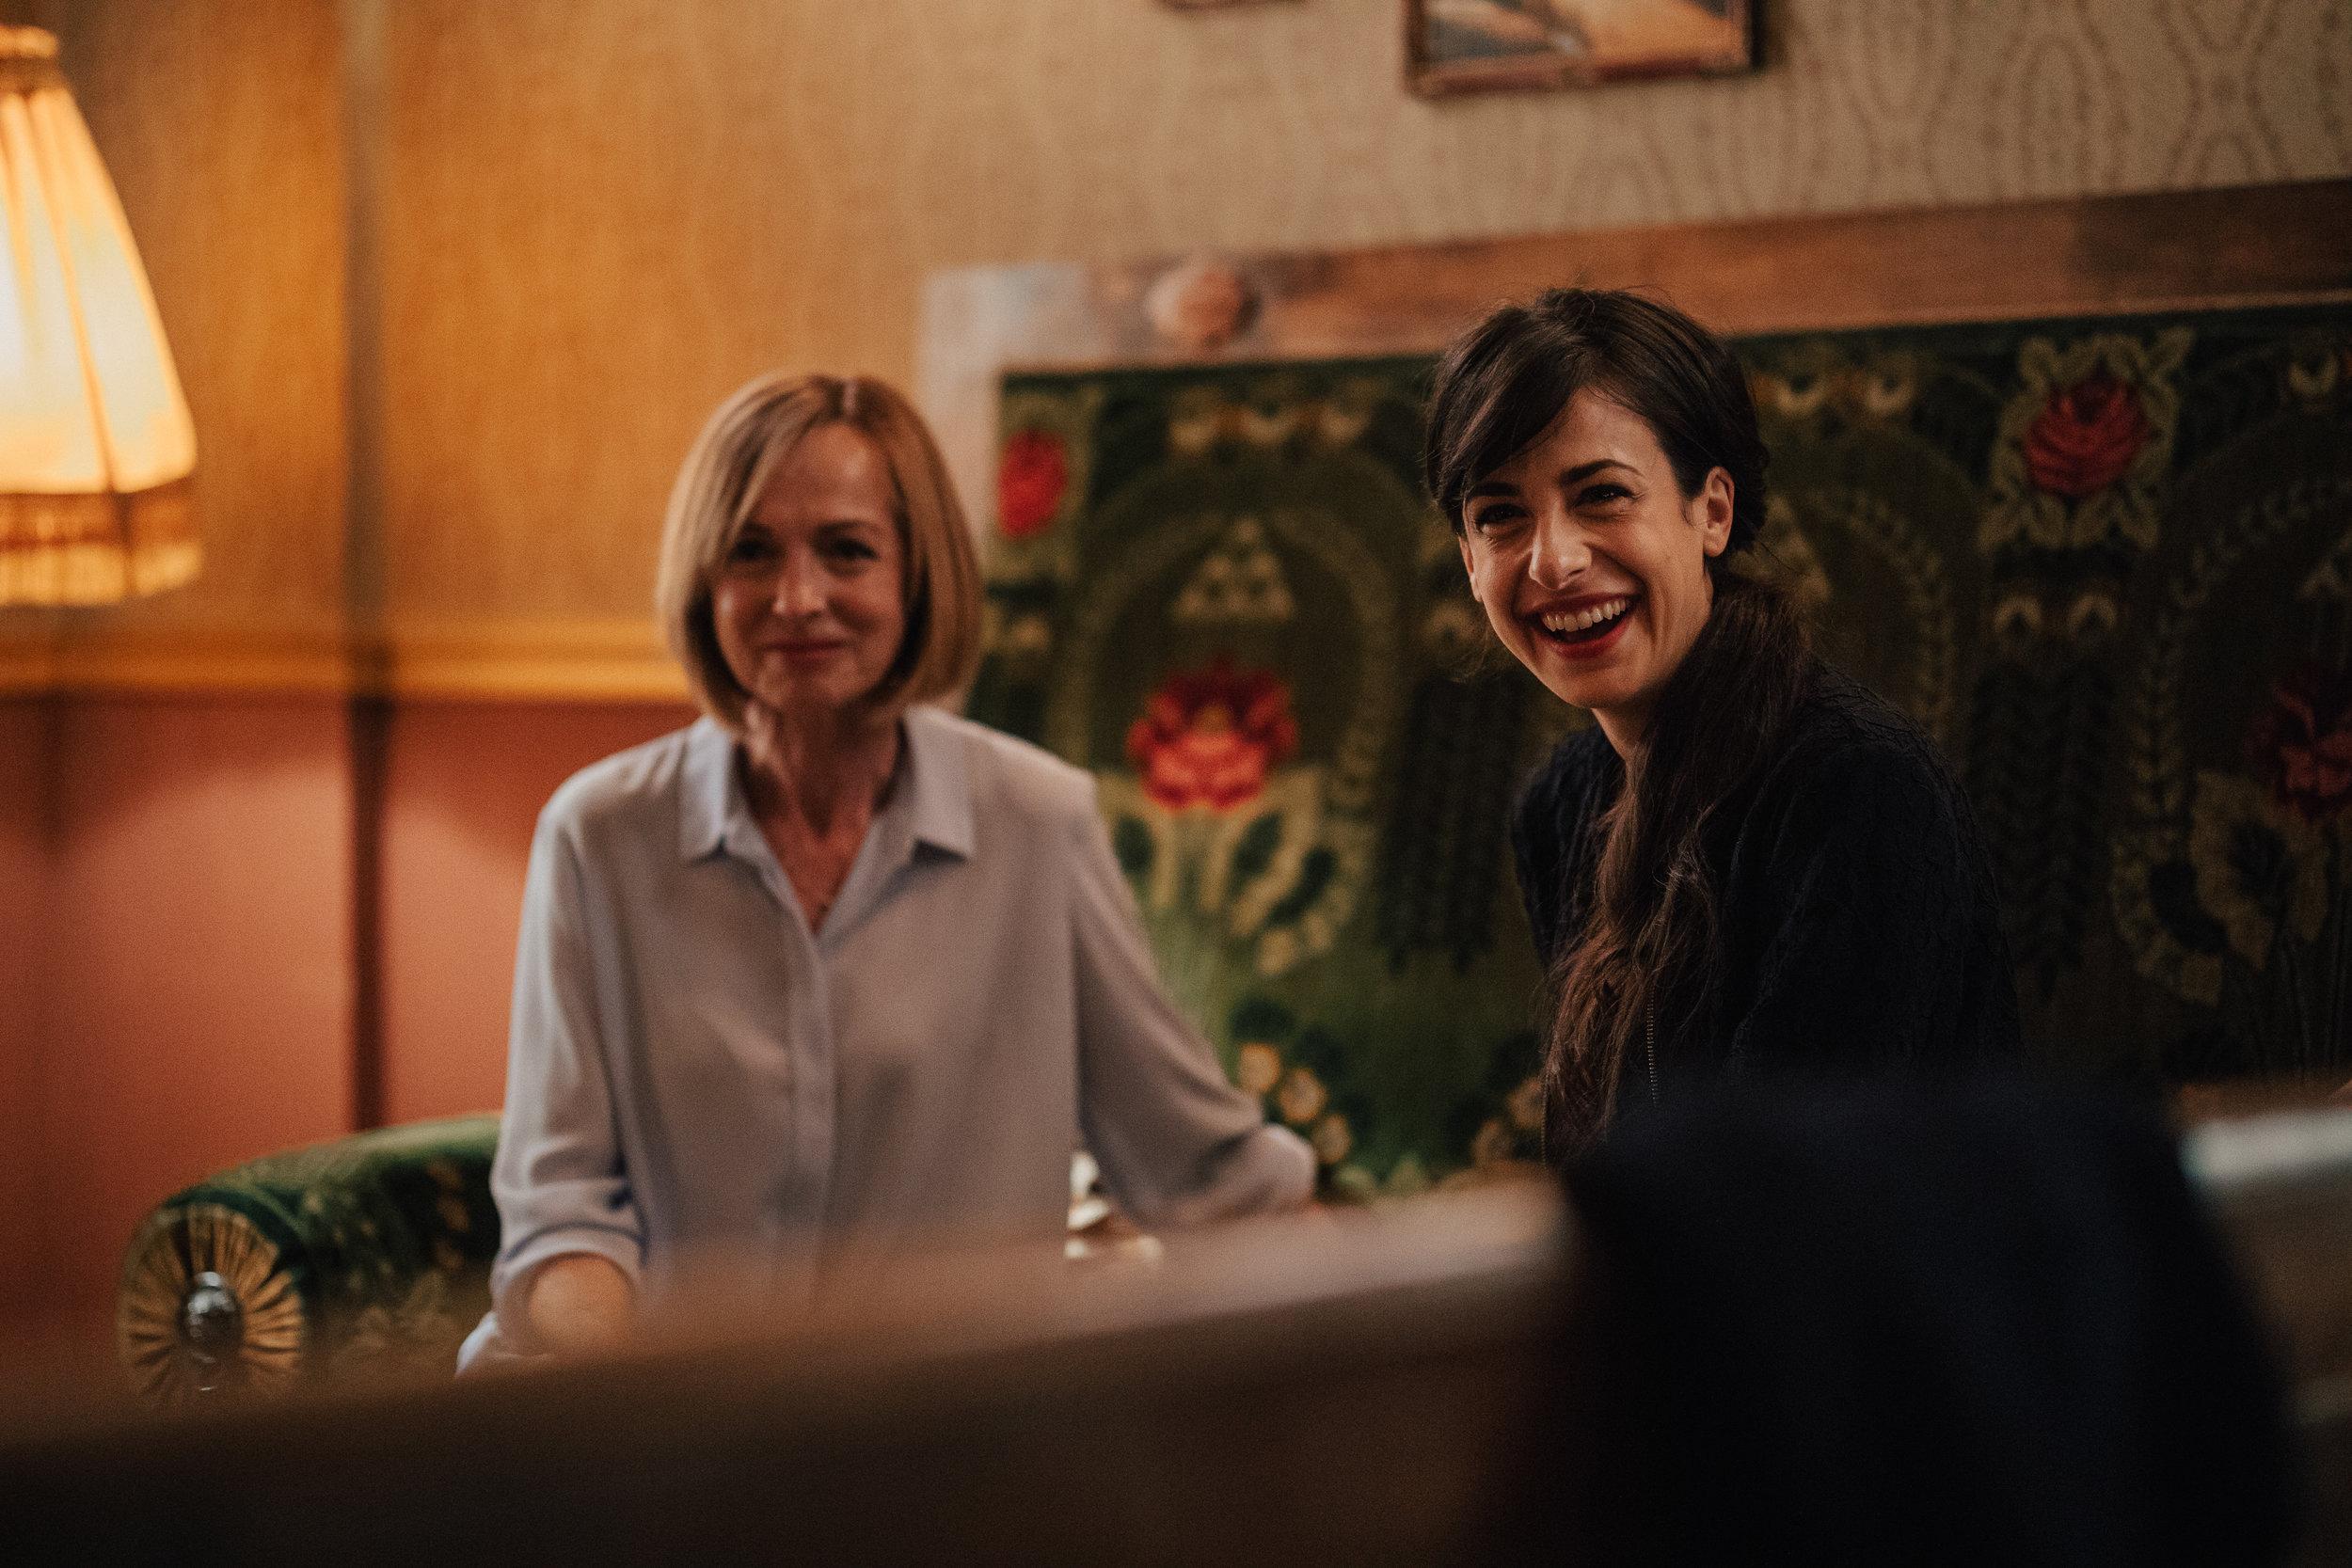 Bernarda Oman (Vida) and Lara Komar (Irena)